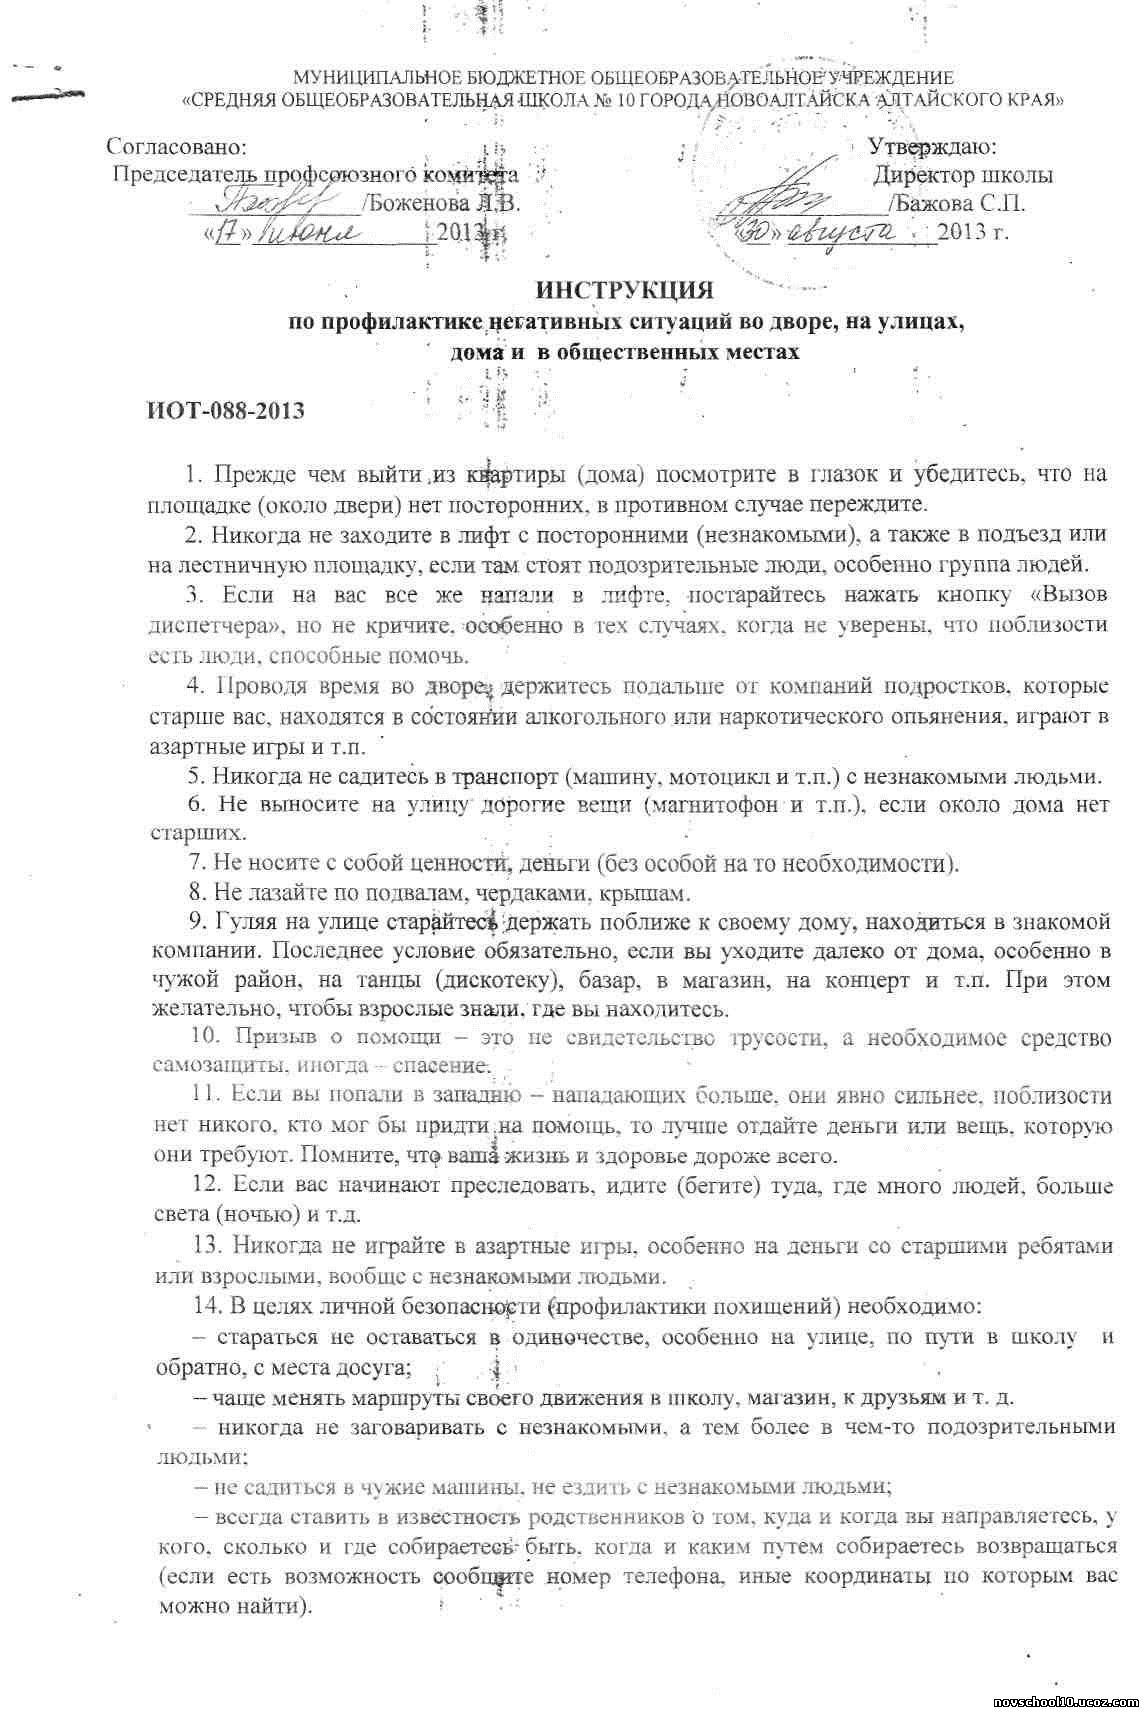 Инструкция По Работе С Электроприборами В Учреждении